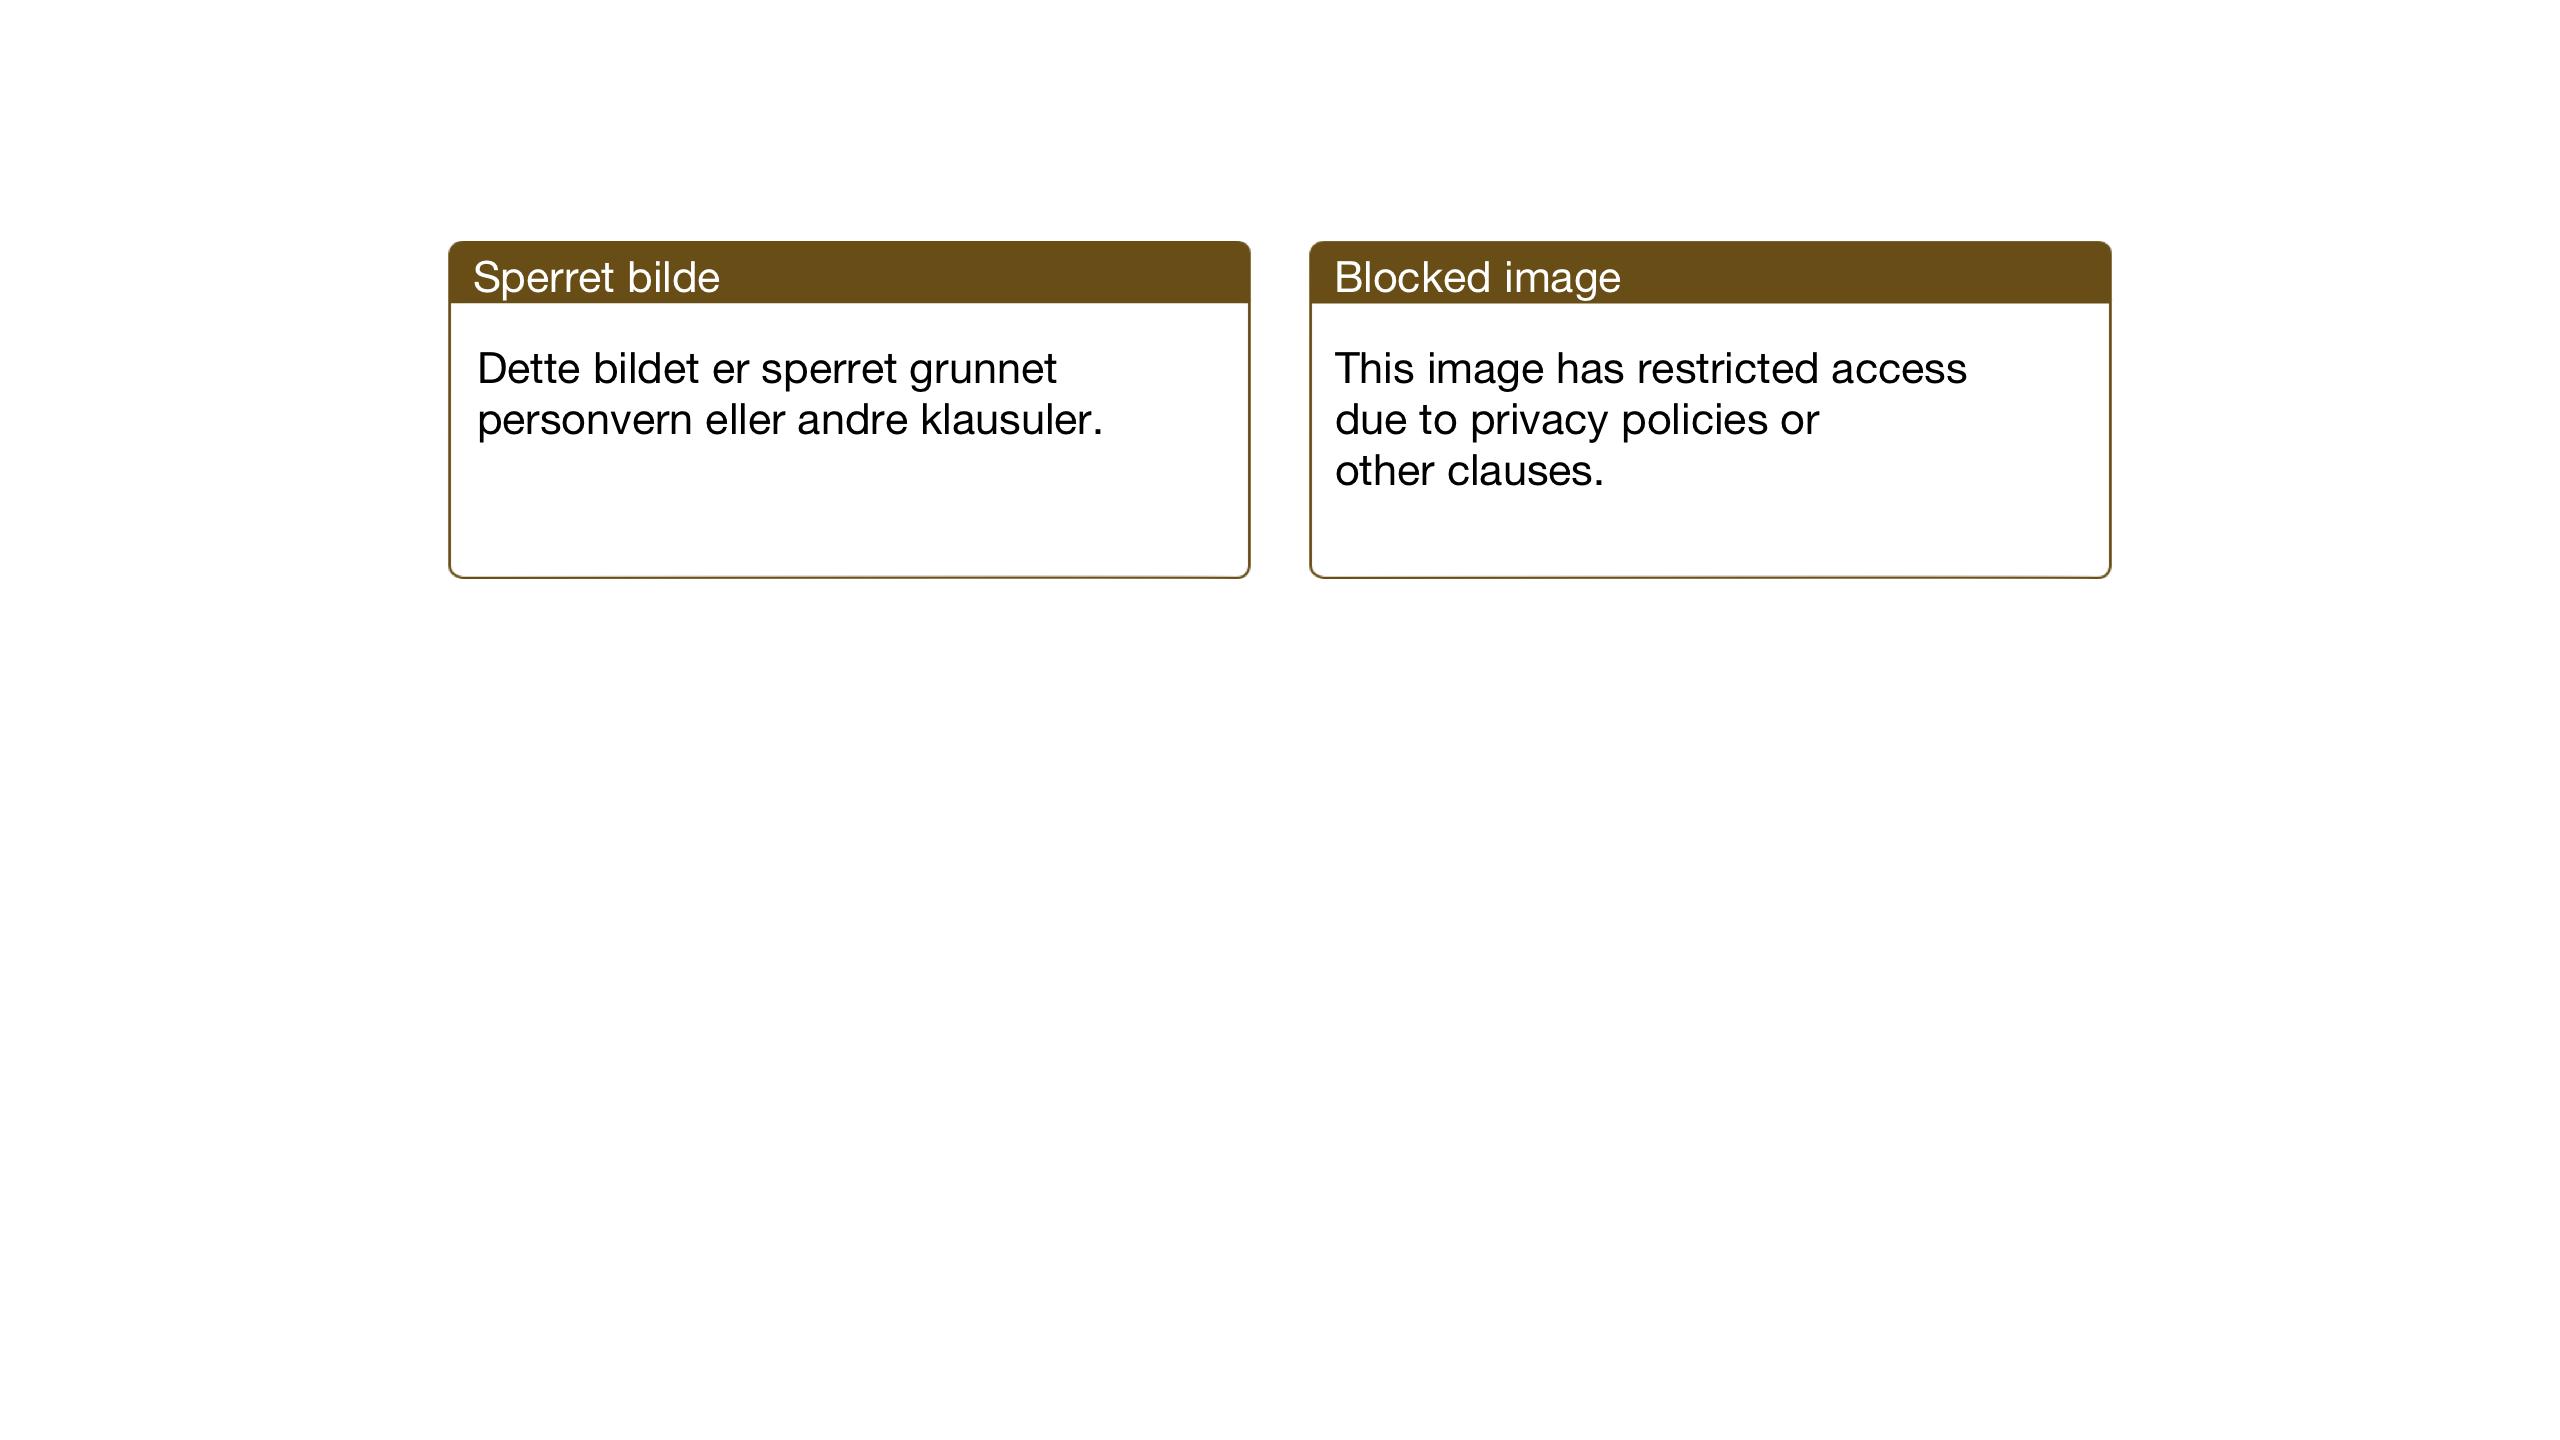 SAT, Ministerialprotokoller, klokkerbøker og fødselsregistre - Nord-Trøndelag, 780/L0654: Klokkerbok nr. 780C06, 1928-1942, s. 99